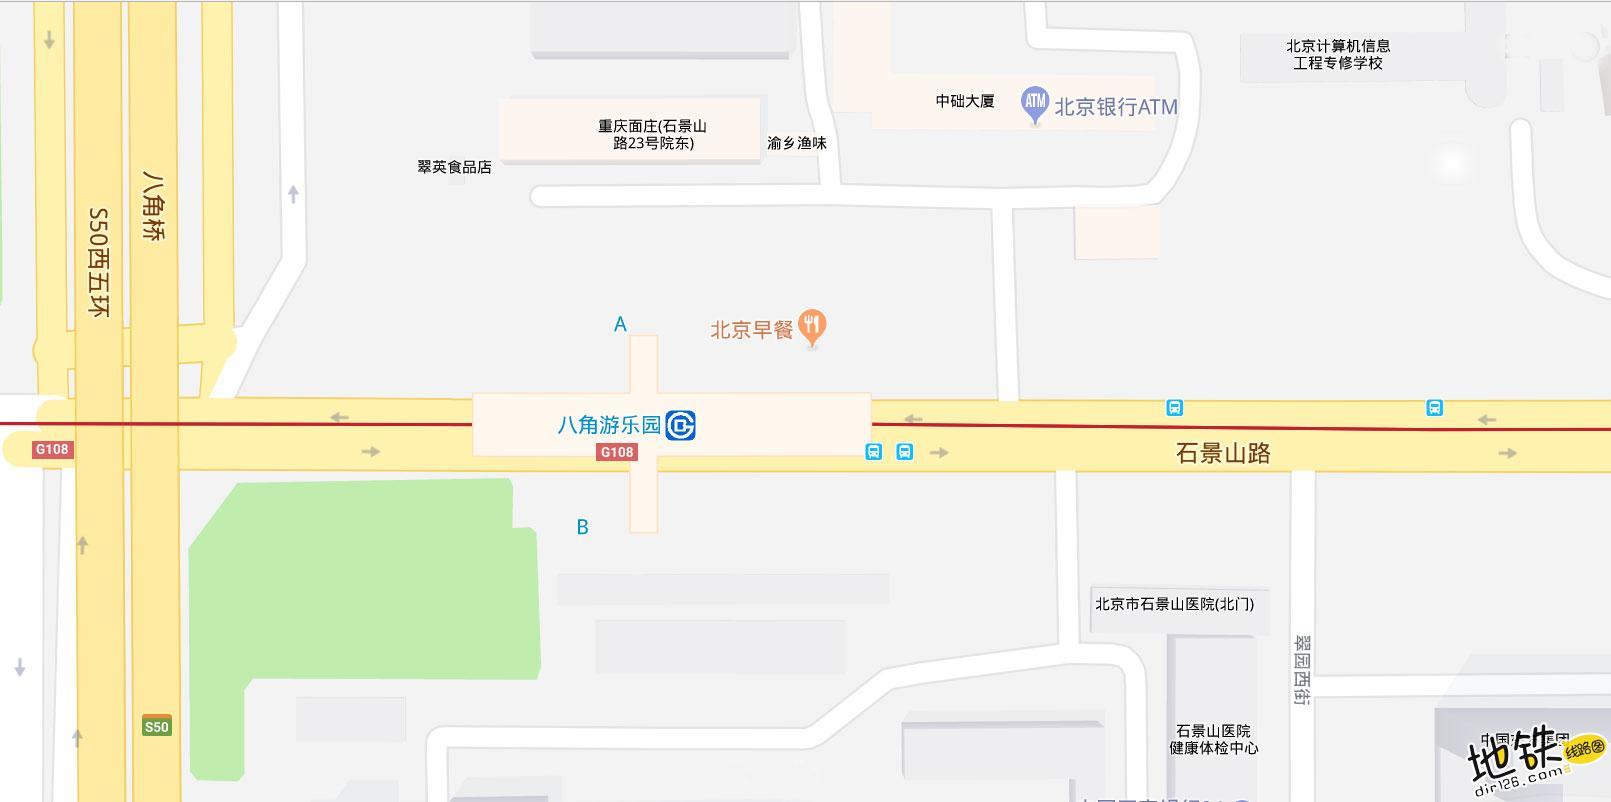 八角游乐园地铁站 北京地铁八角游乐园站出入口 地图信息查询 北京地铁站 第2张